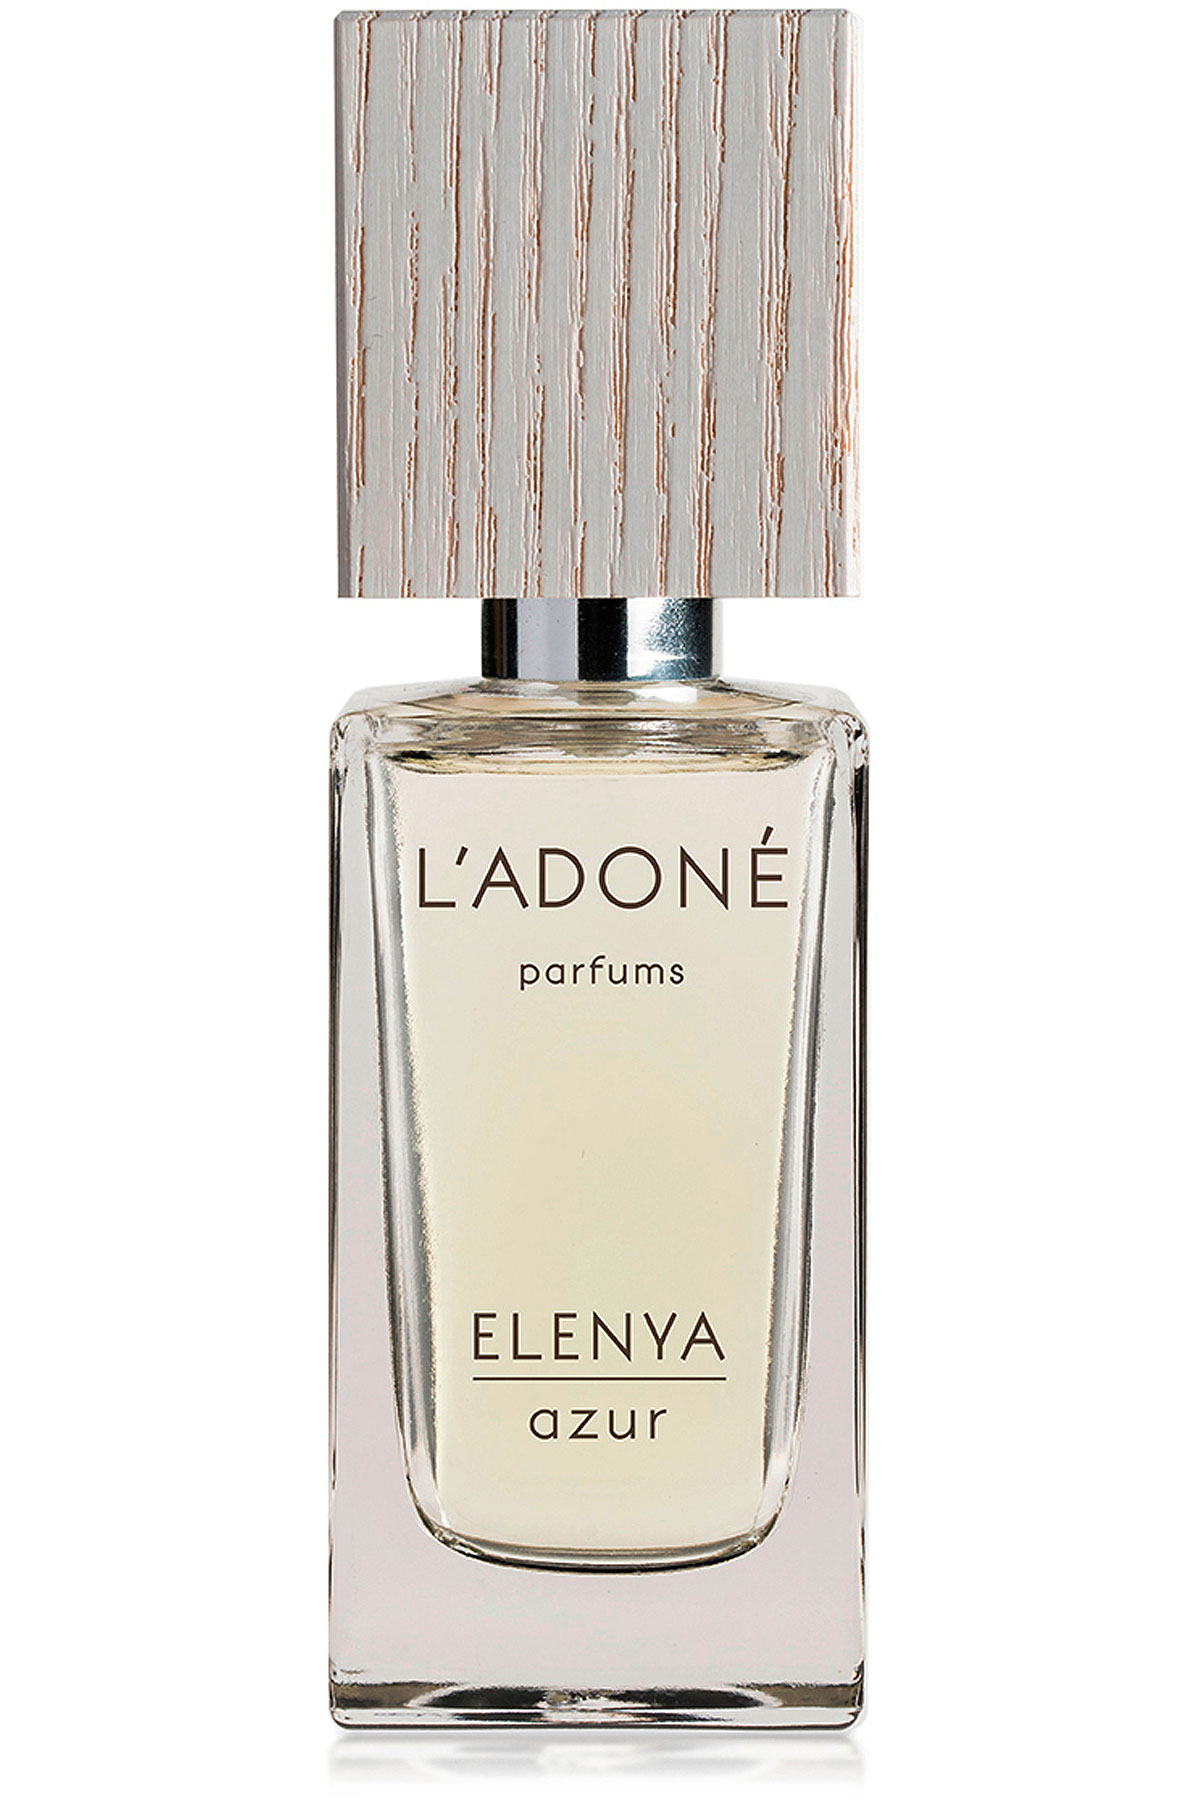 L Adone Fragrances for Men, Elenya Azur - Extrait De Parfum - 50 Ml, 2019, 50 ml